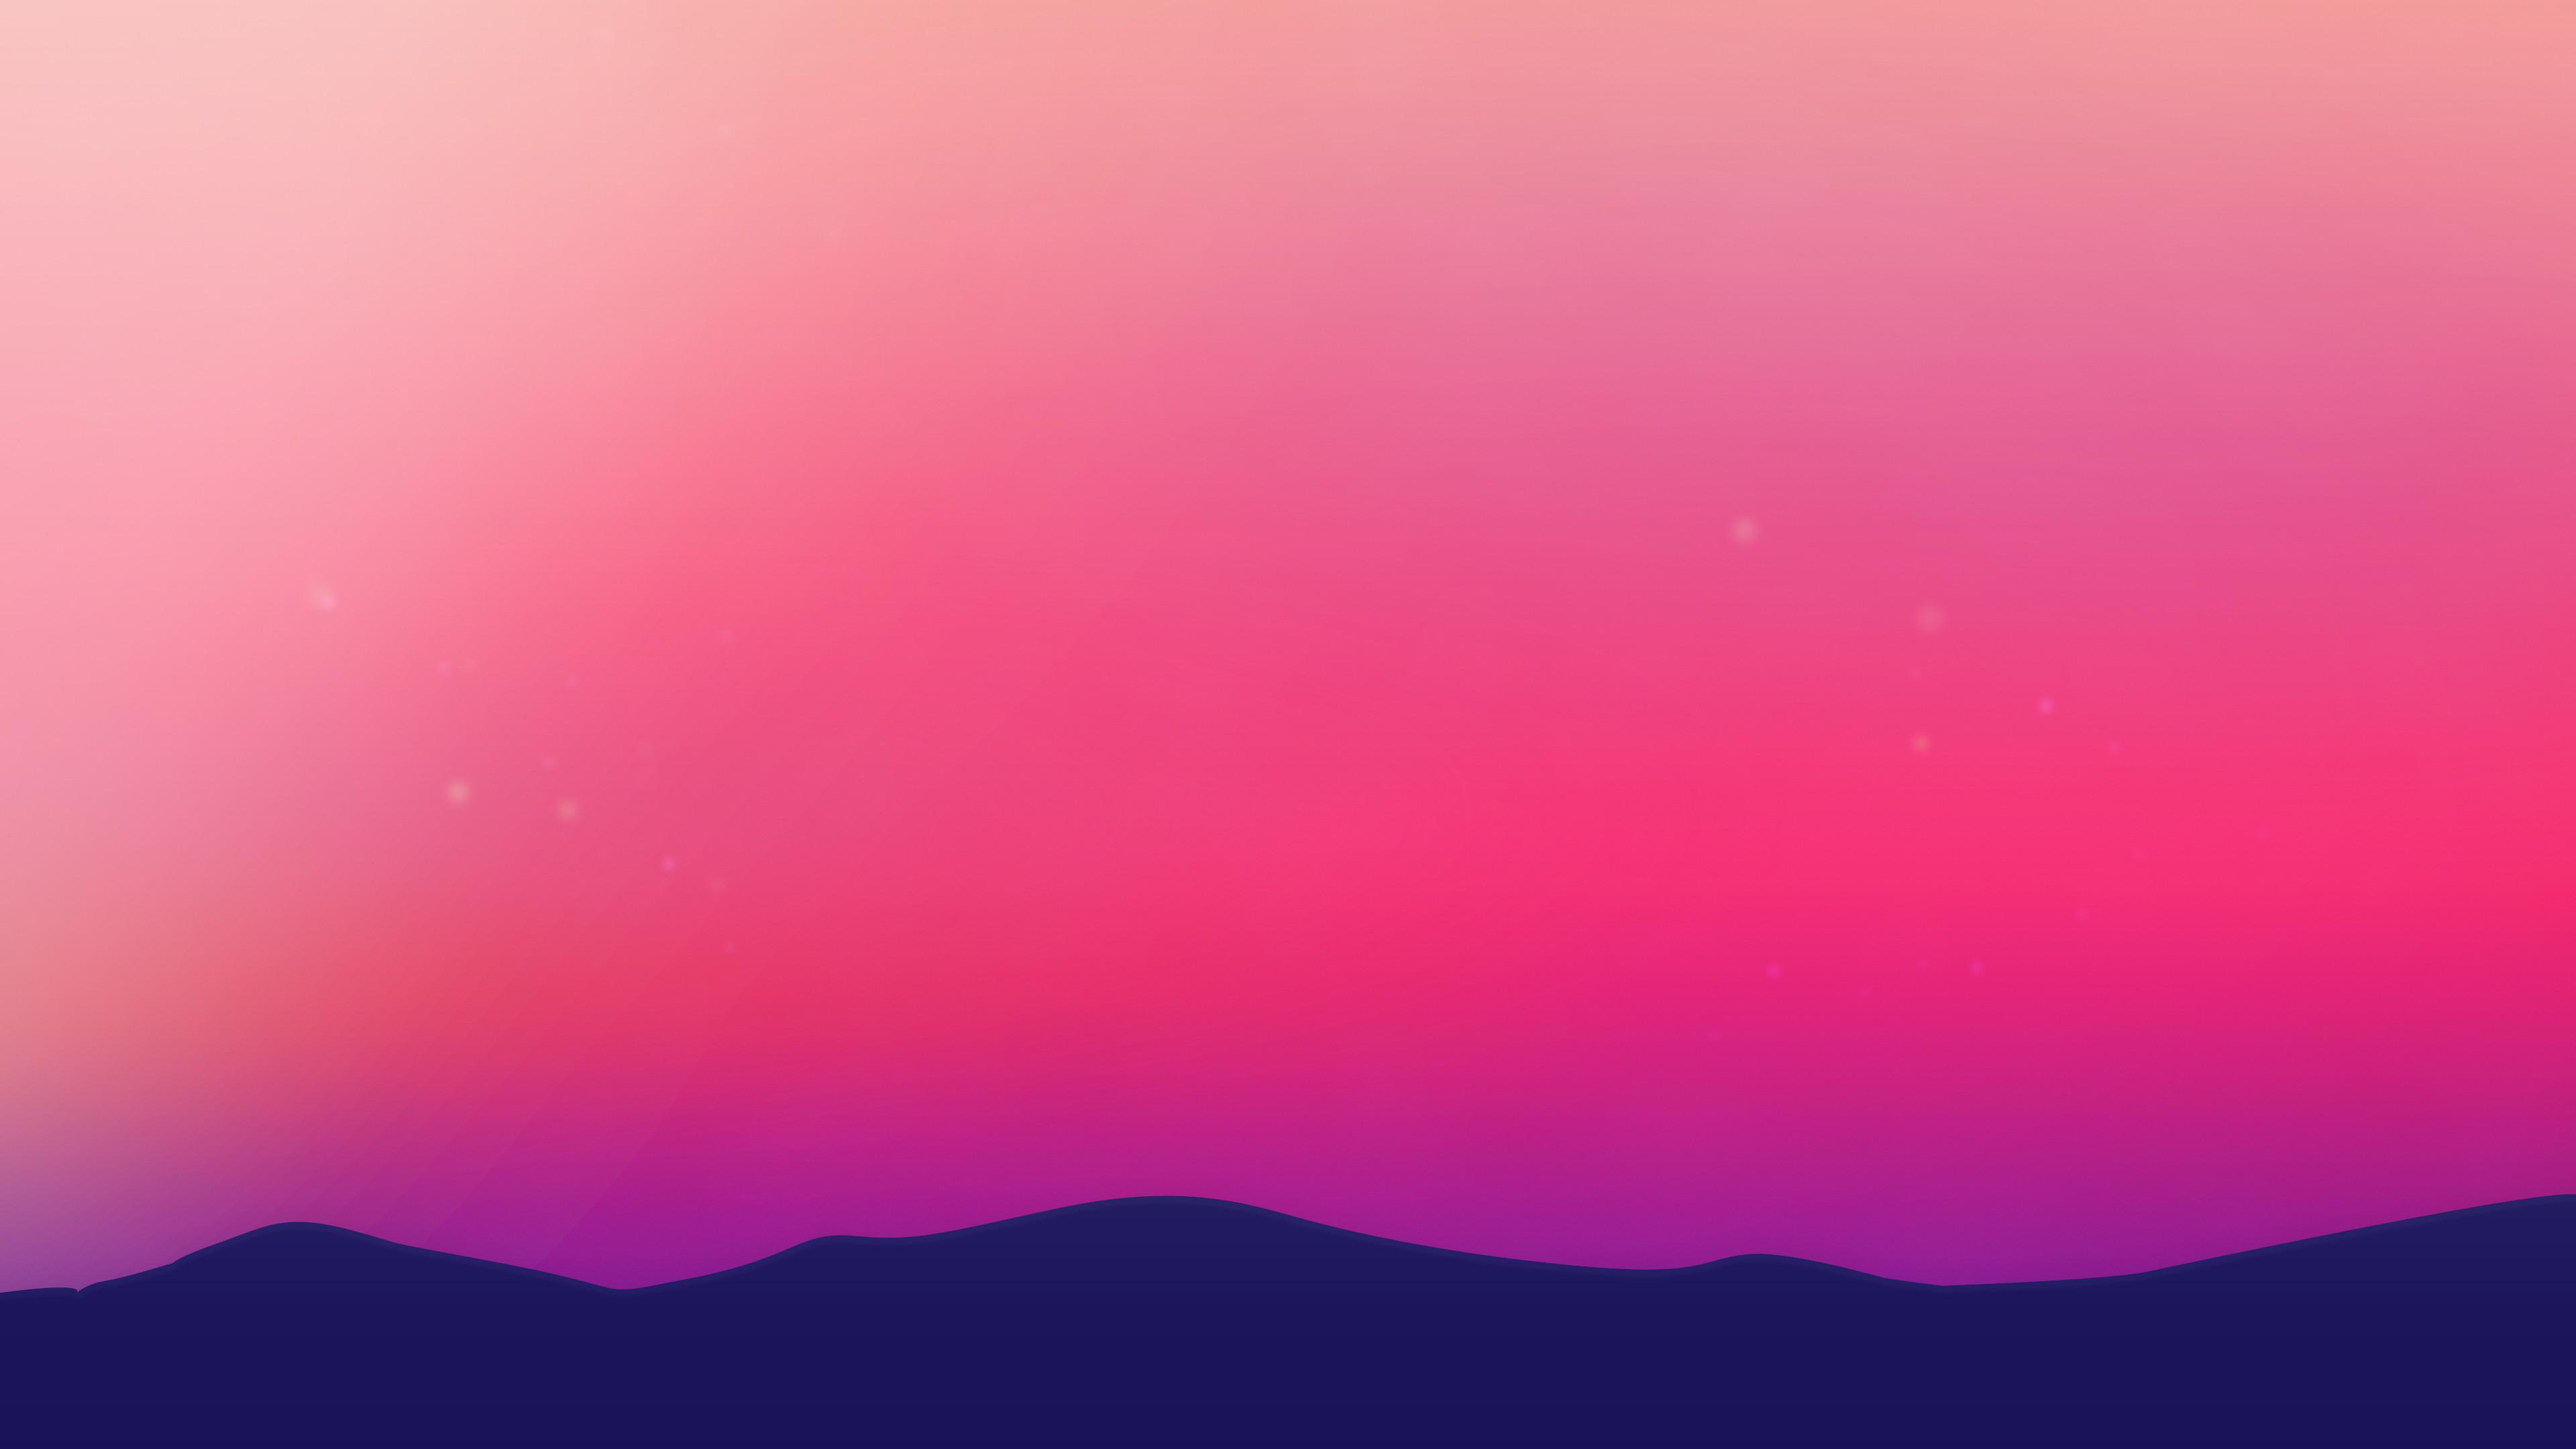 Res: 3840x2160, scenery wallpaper minimalist